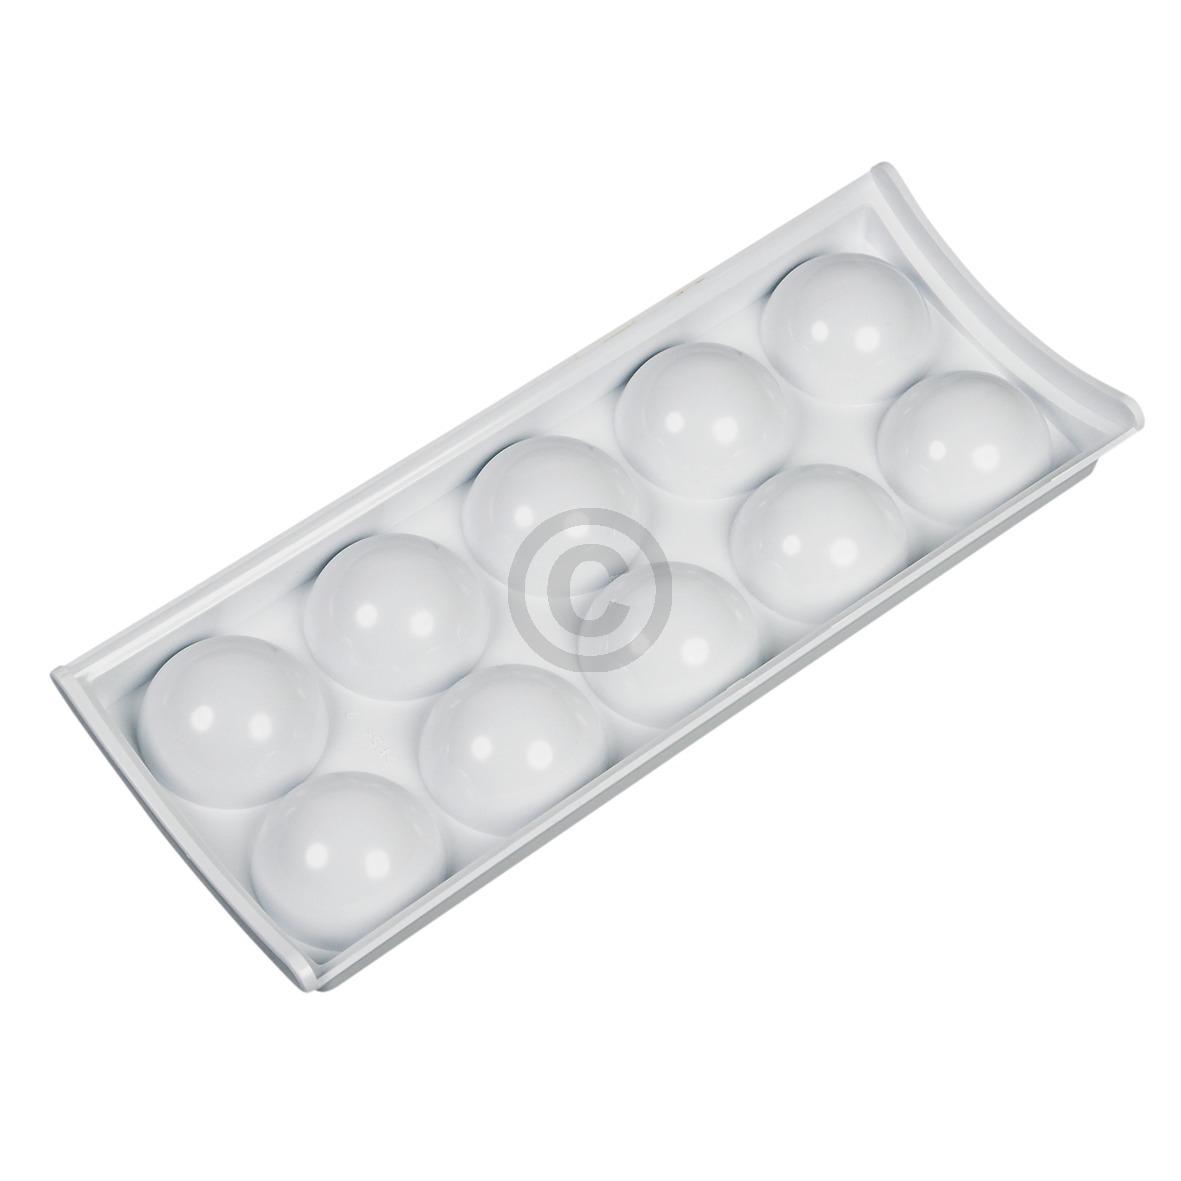 Eiereinsatz für die Kühlschranktüre 250x99mm weiß Liebherr 7426910 Liebherr